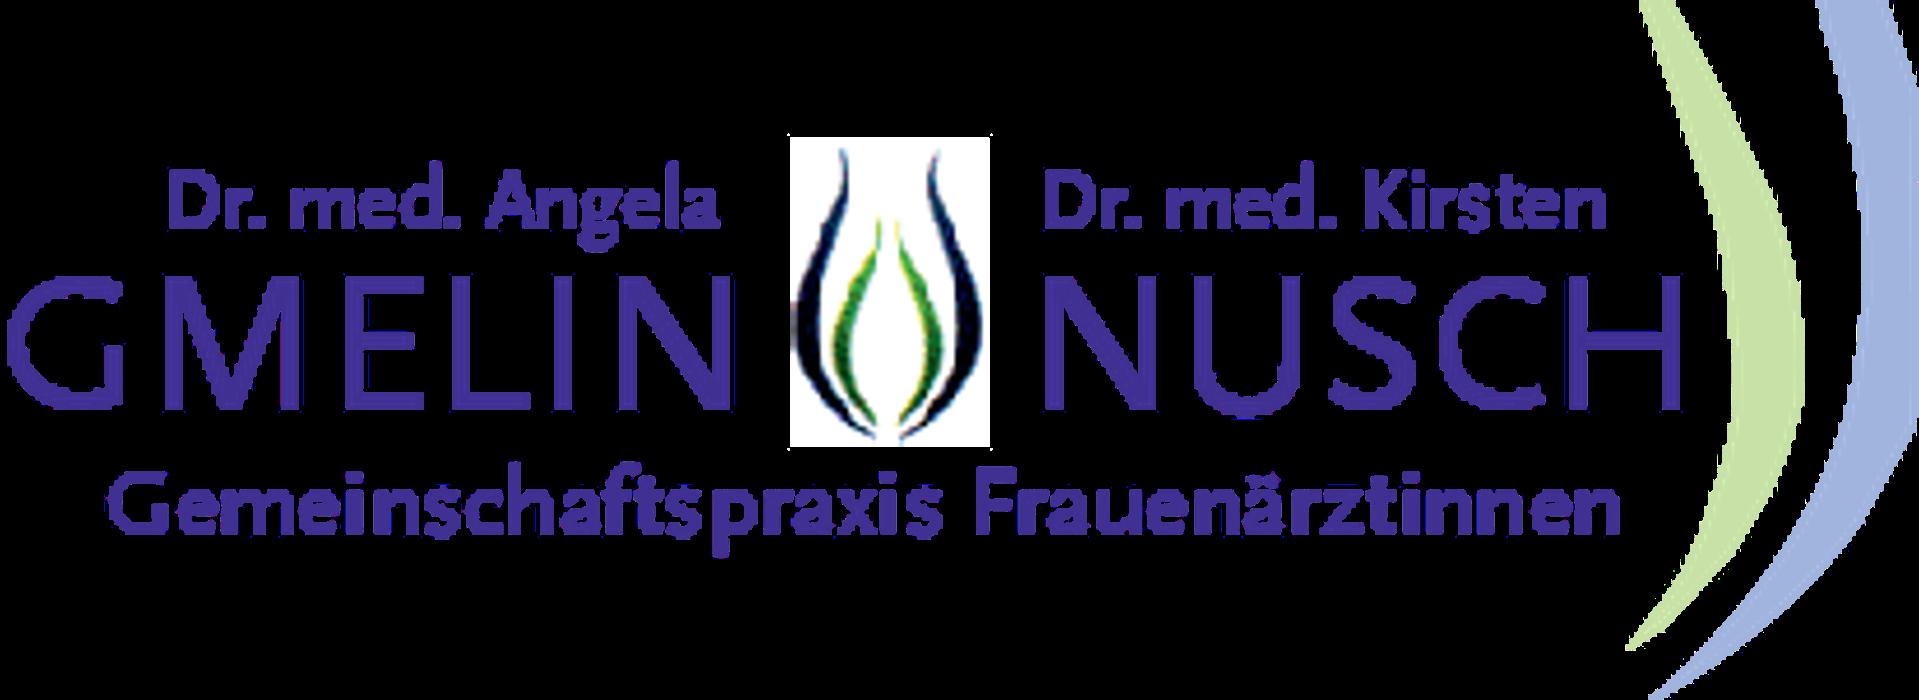 Bild zu Gemeinschaftspraxis Dr. med. Angela Gmelin / Dr. med. Kirsten Nusch in Erding